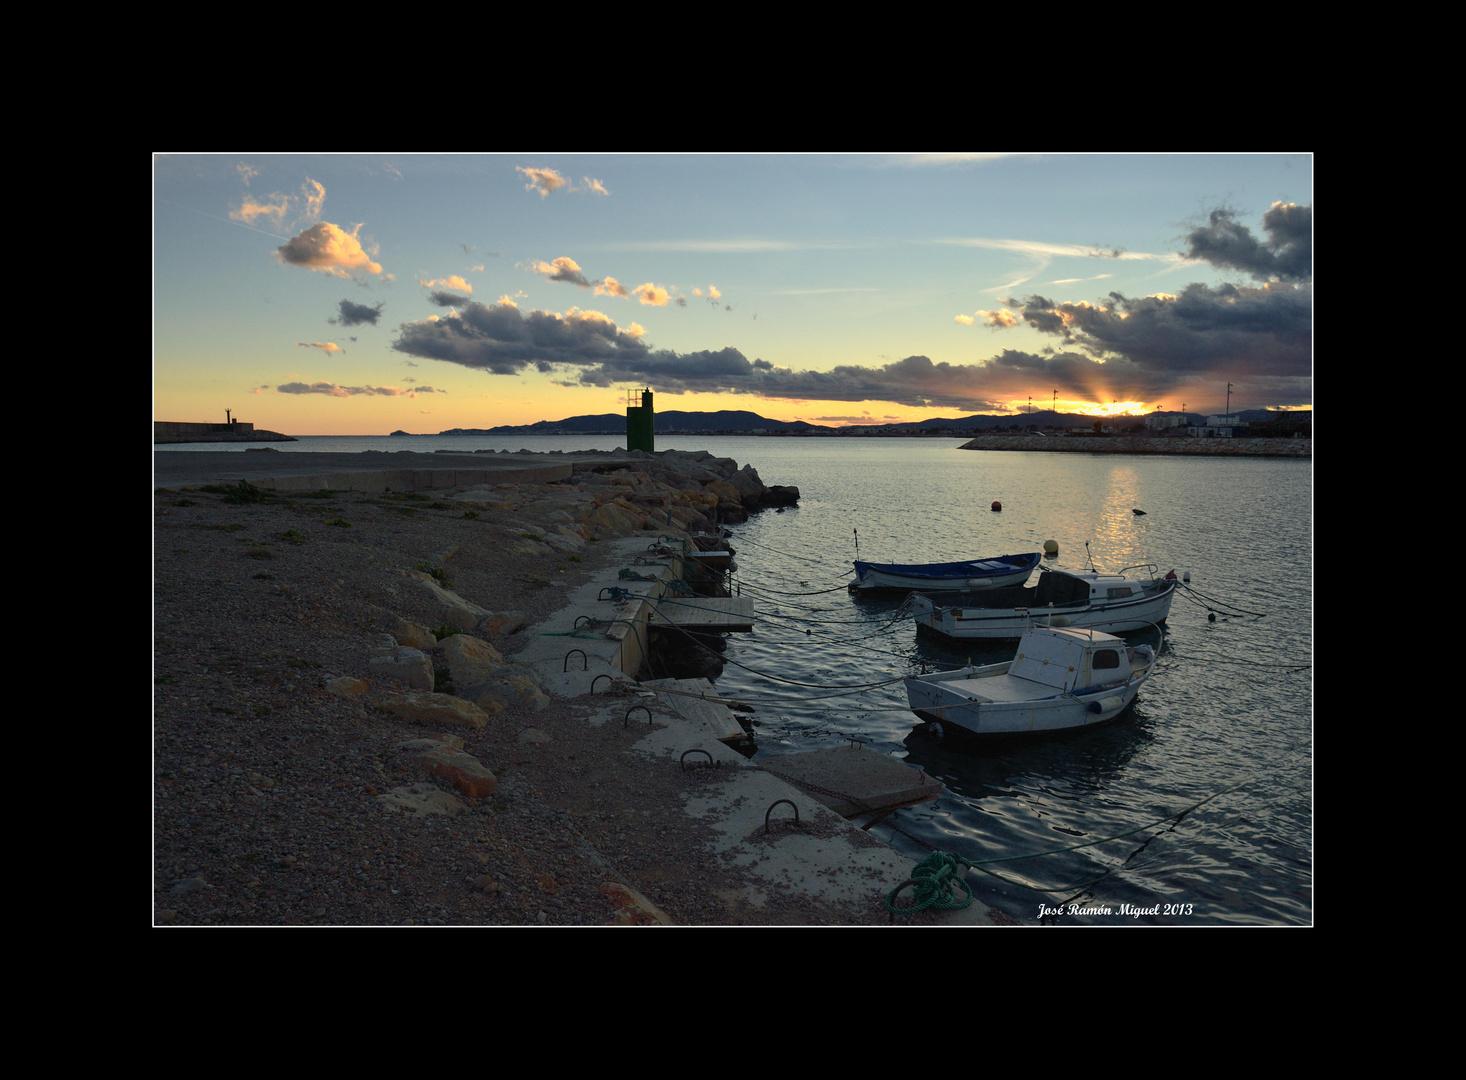 Puerto de Vinaros